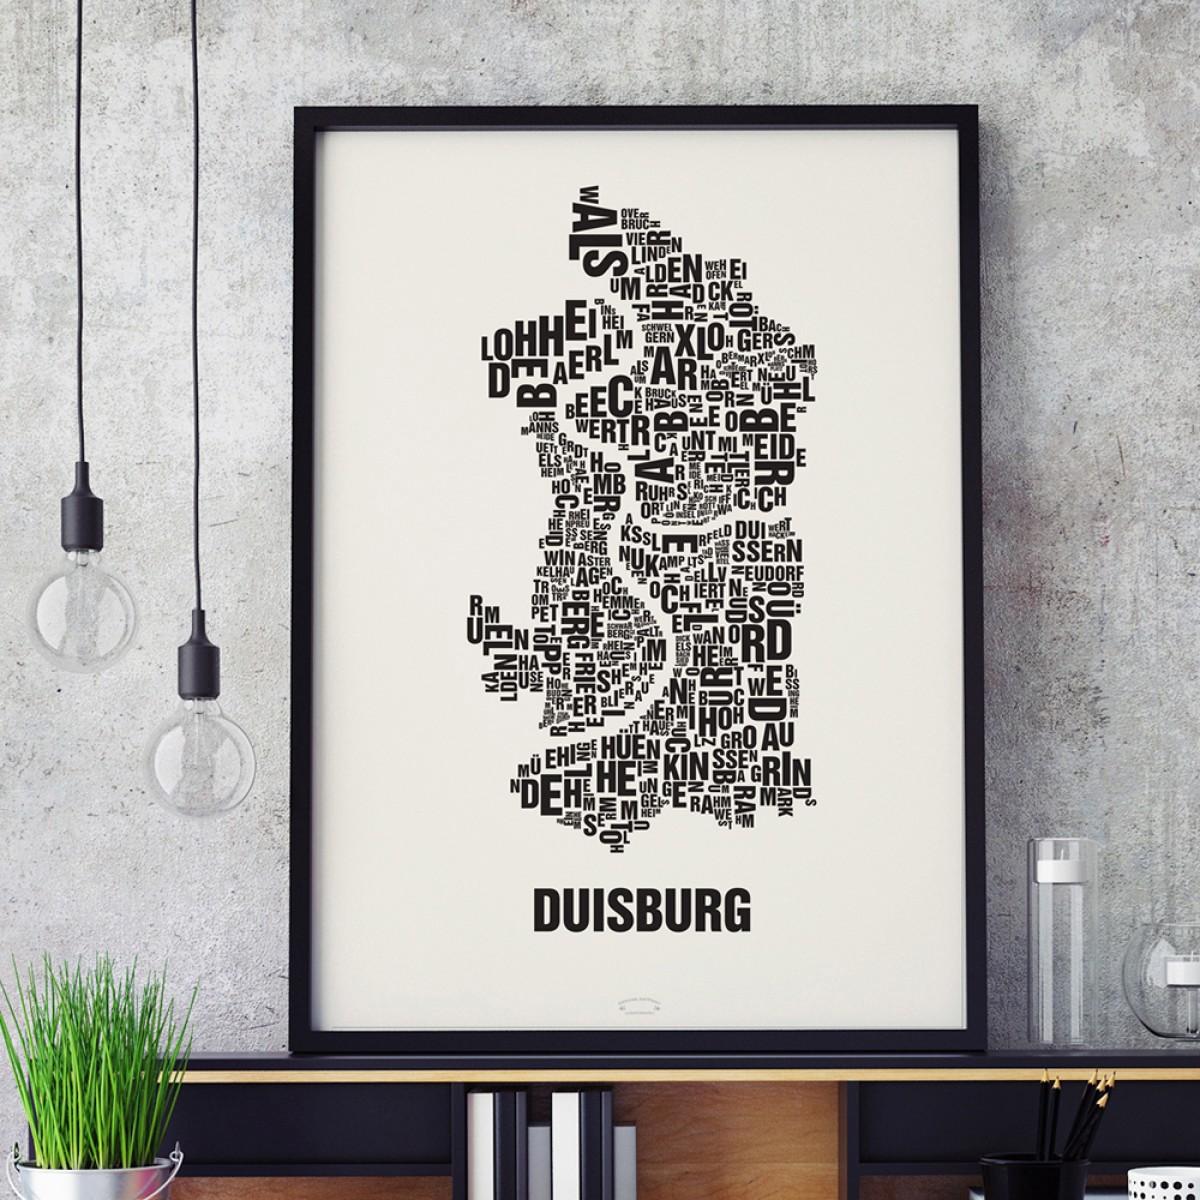 Buchstabenort Duisburg Stadtteile-Poster Typografie Siebdruck